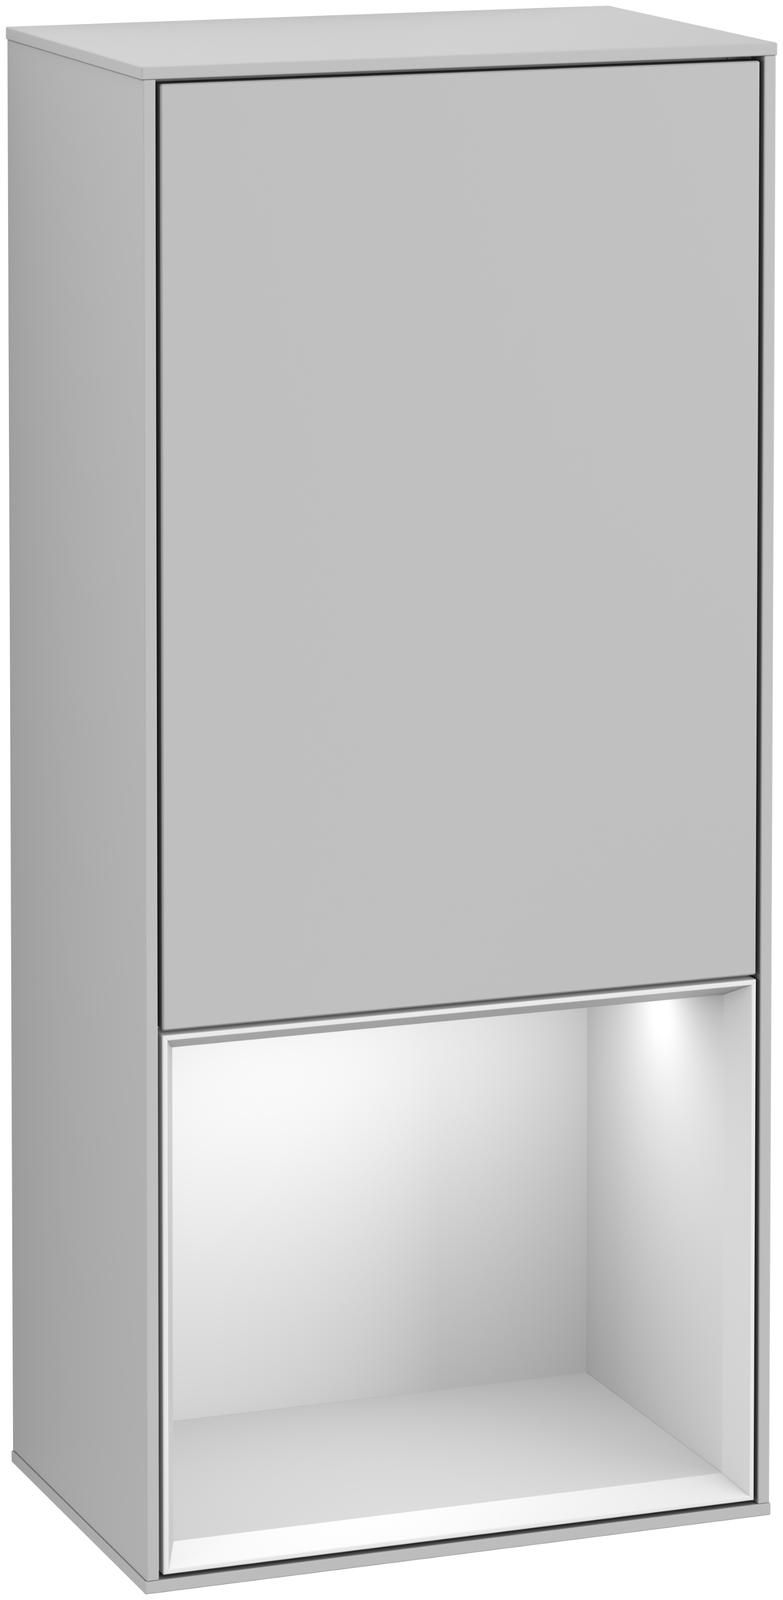 Villeroy & Boch Finion F55 Seitenschrank mit Regalelement 1 Tür Anschlag rechts LED-Beleuchtung B:41,8xH:93,6xT:27cm Front, Korpus: Light Grey Matt, Regal: Weiß Matt Soft Grey F550MTGJ